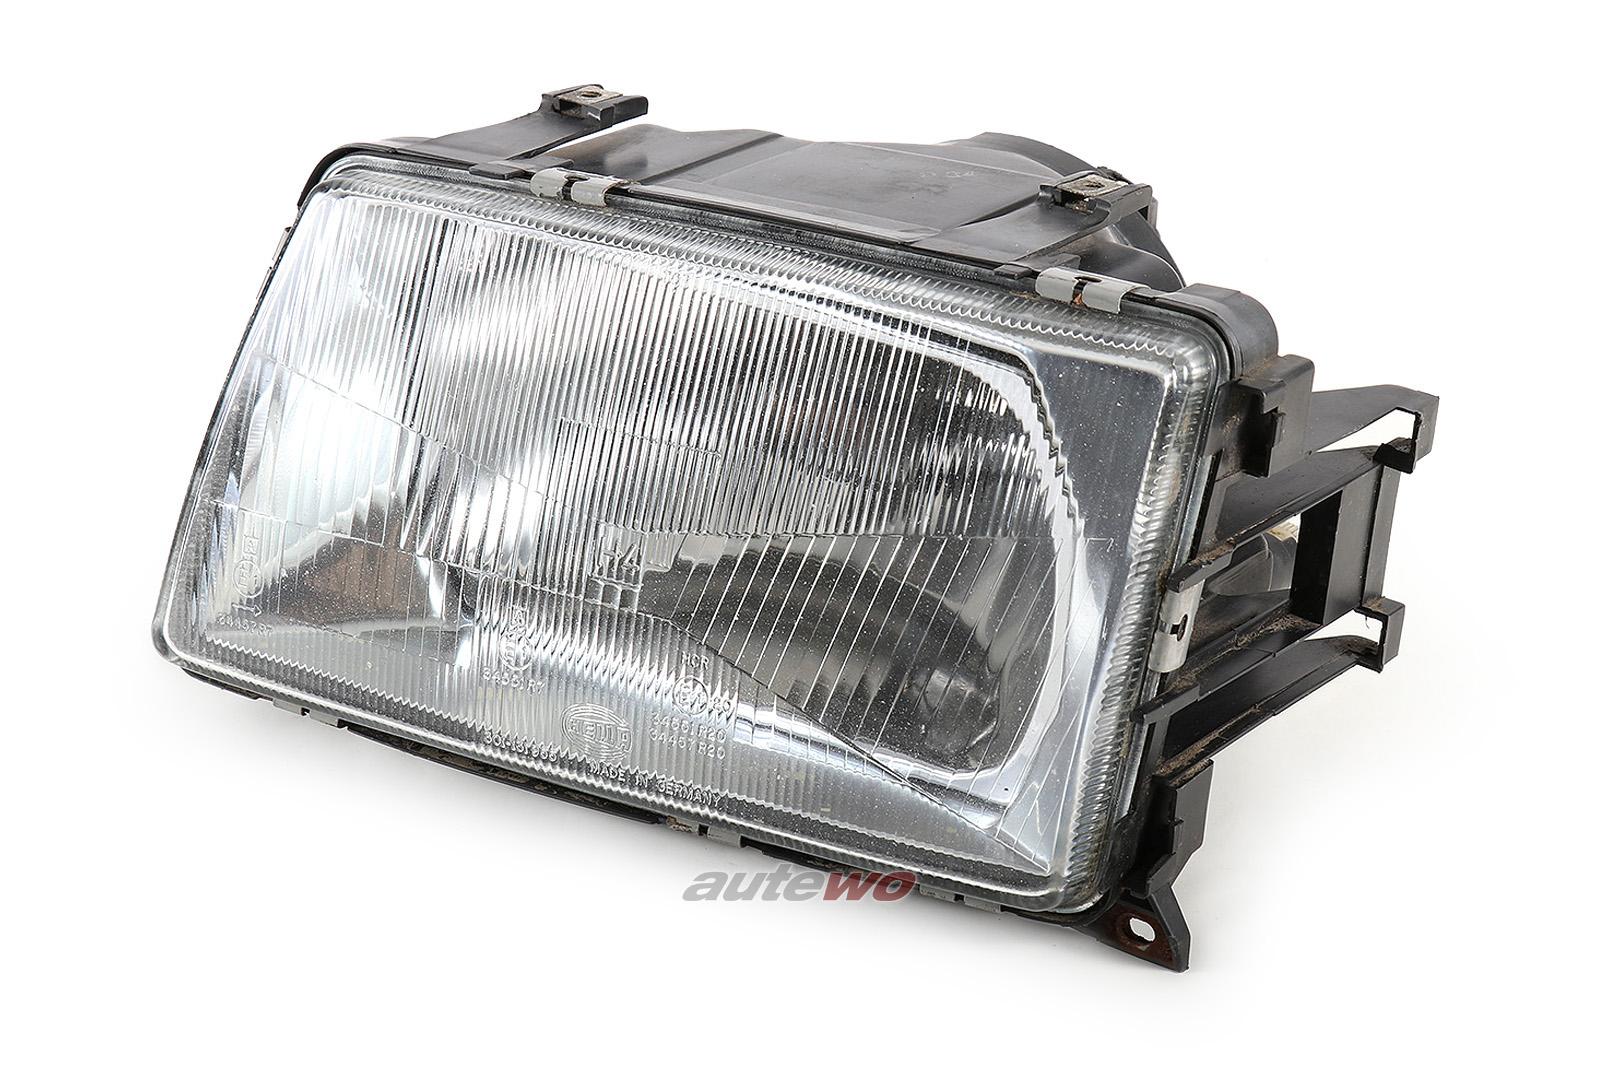 443941029E Hella 127 071-00 Audi 100 Typ 44 Halogenscheinwerfer Links